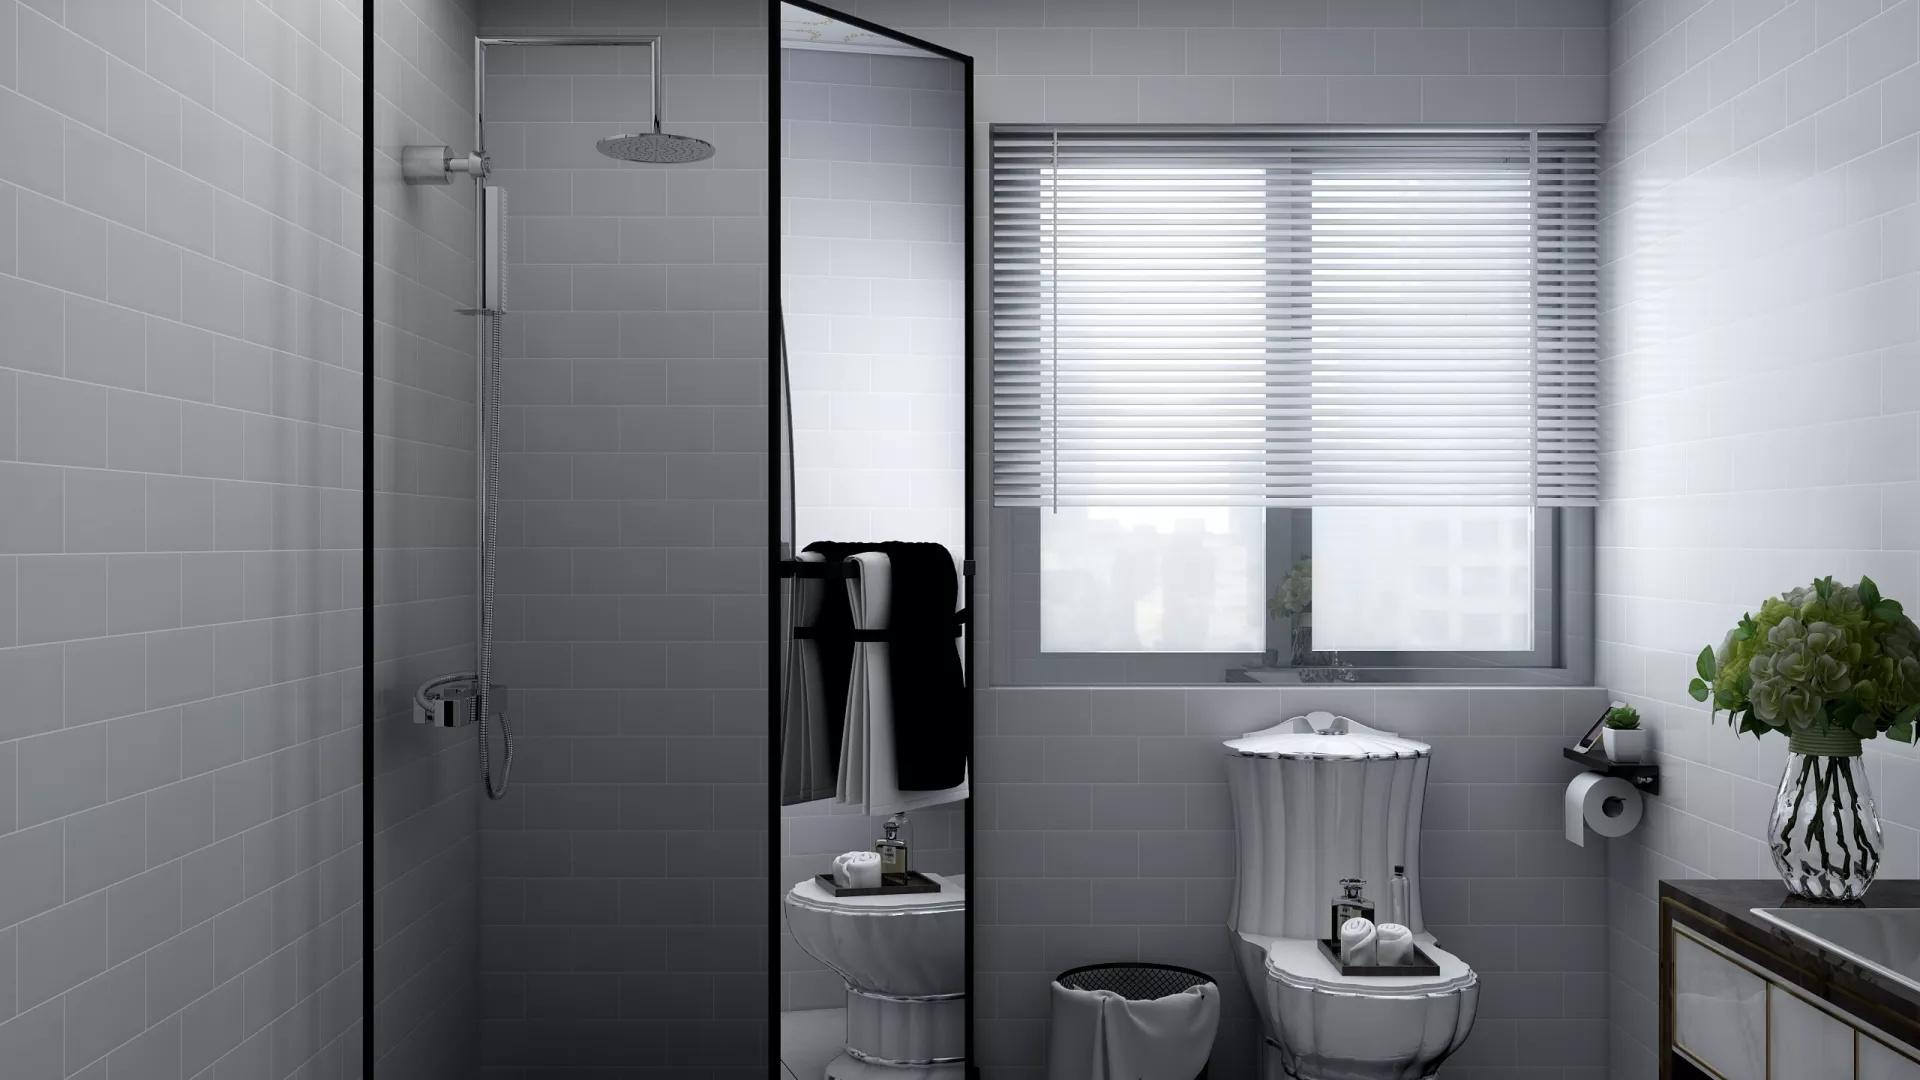 简约维也纳风格家居艺术装修设计效果图